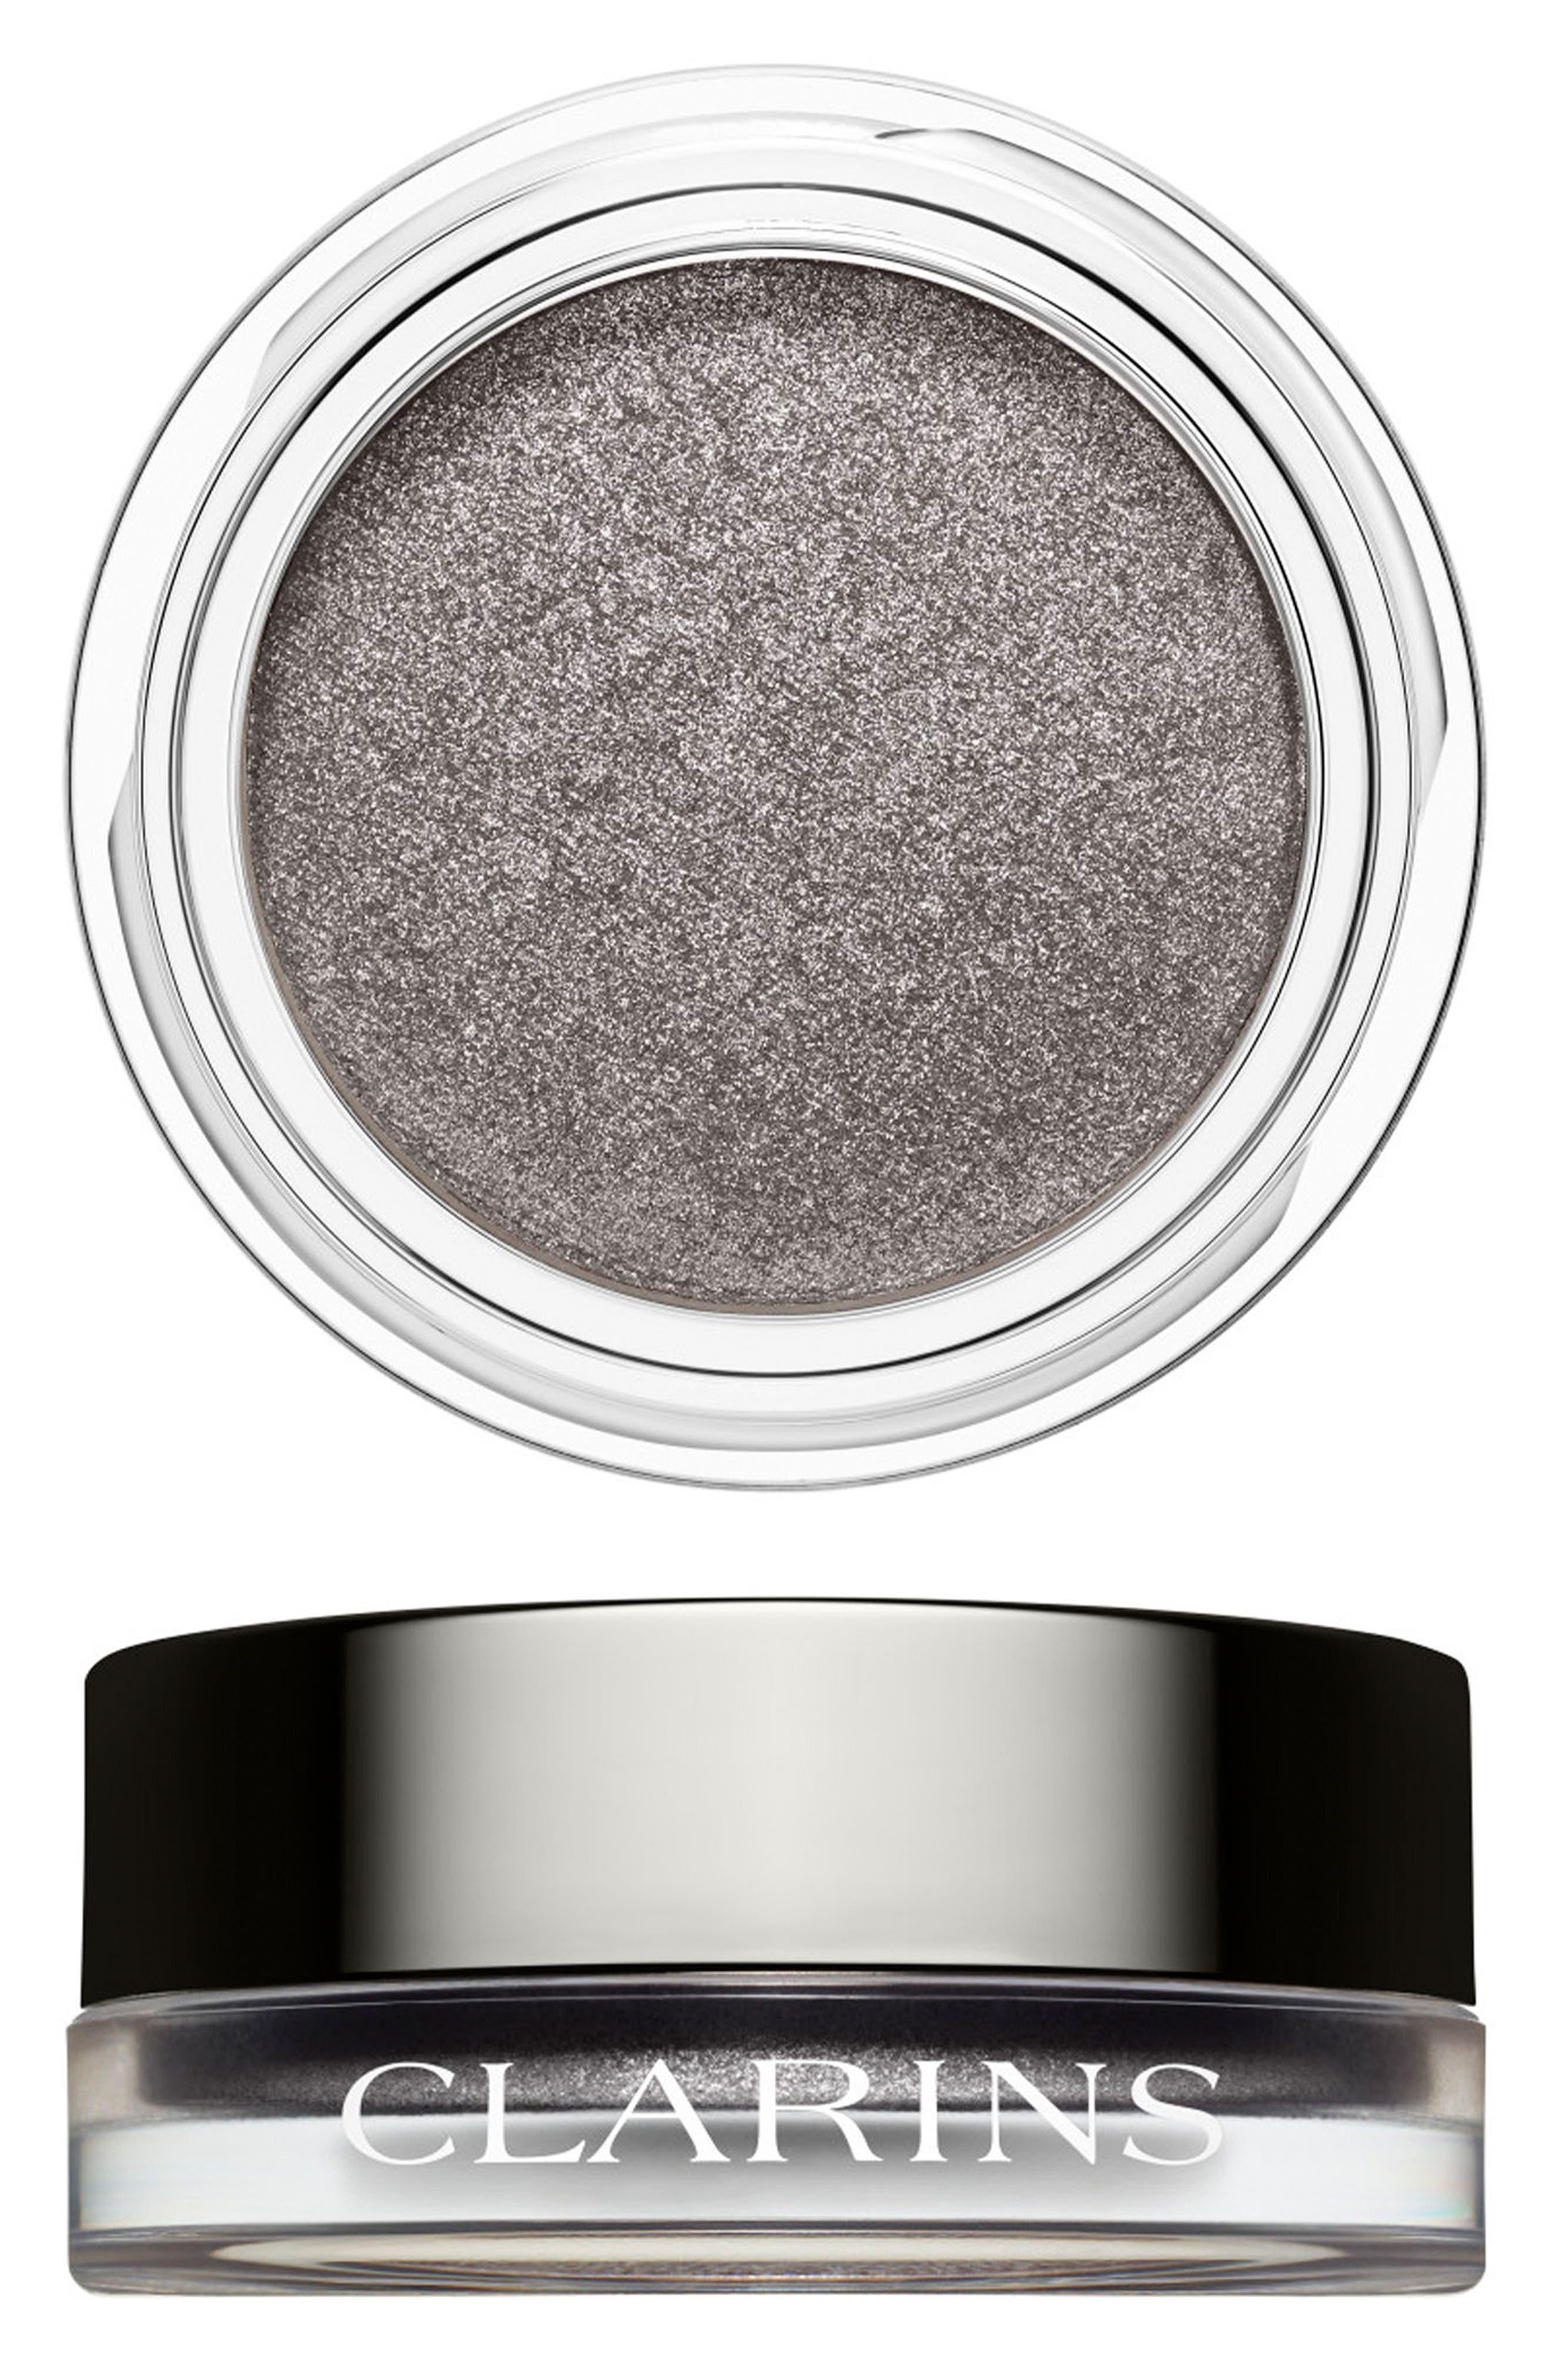 Ombré Iridescente Cream-to-Powder Iridescent Eyeshadow,                             Main thumbnail 1, color,                             SILVER GREY 10